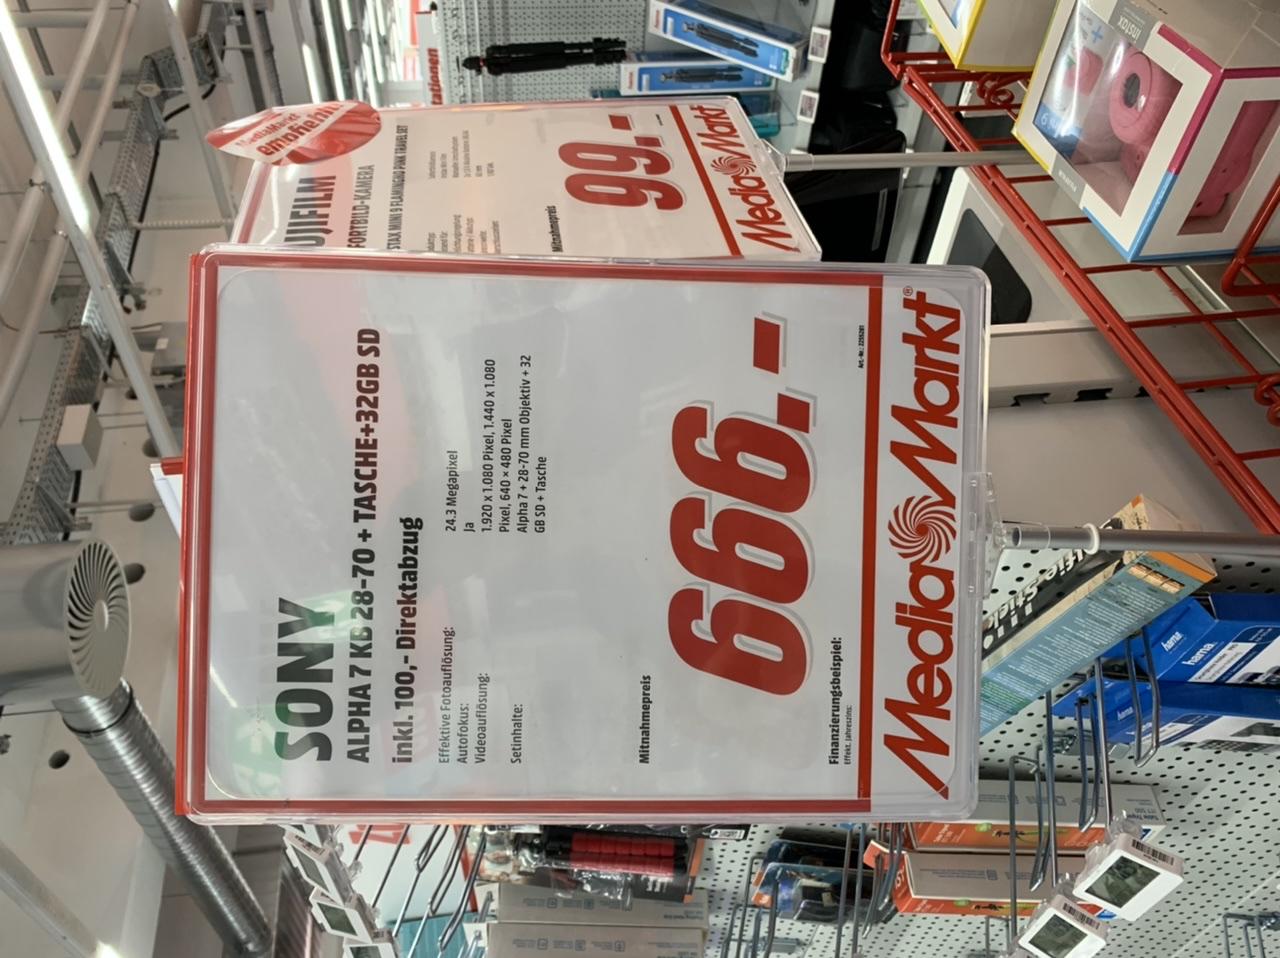 Mediamarkt Sd Karte.Lokal Braunschweig Mediamarkt Sony Alpha 7 Kb 28 70